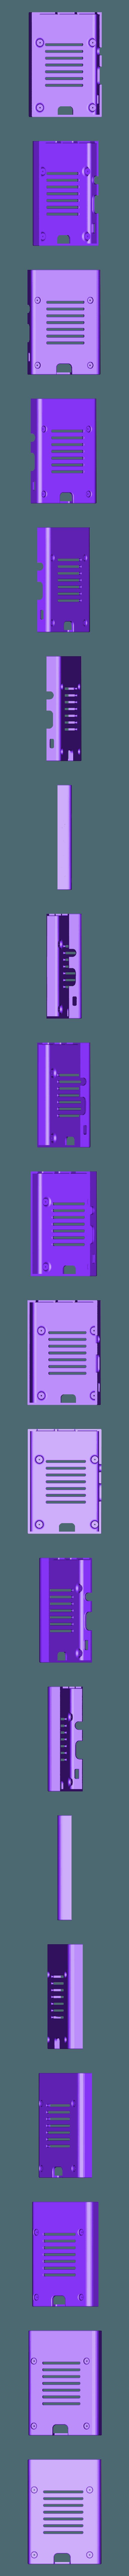 ABAJO_ZX.stl Télécharger fichier STL gratuit SINCLAIR ZX Spectre V1.0 • Modèle imprimable en 3D, EugenioFructuoso